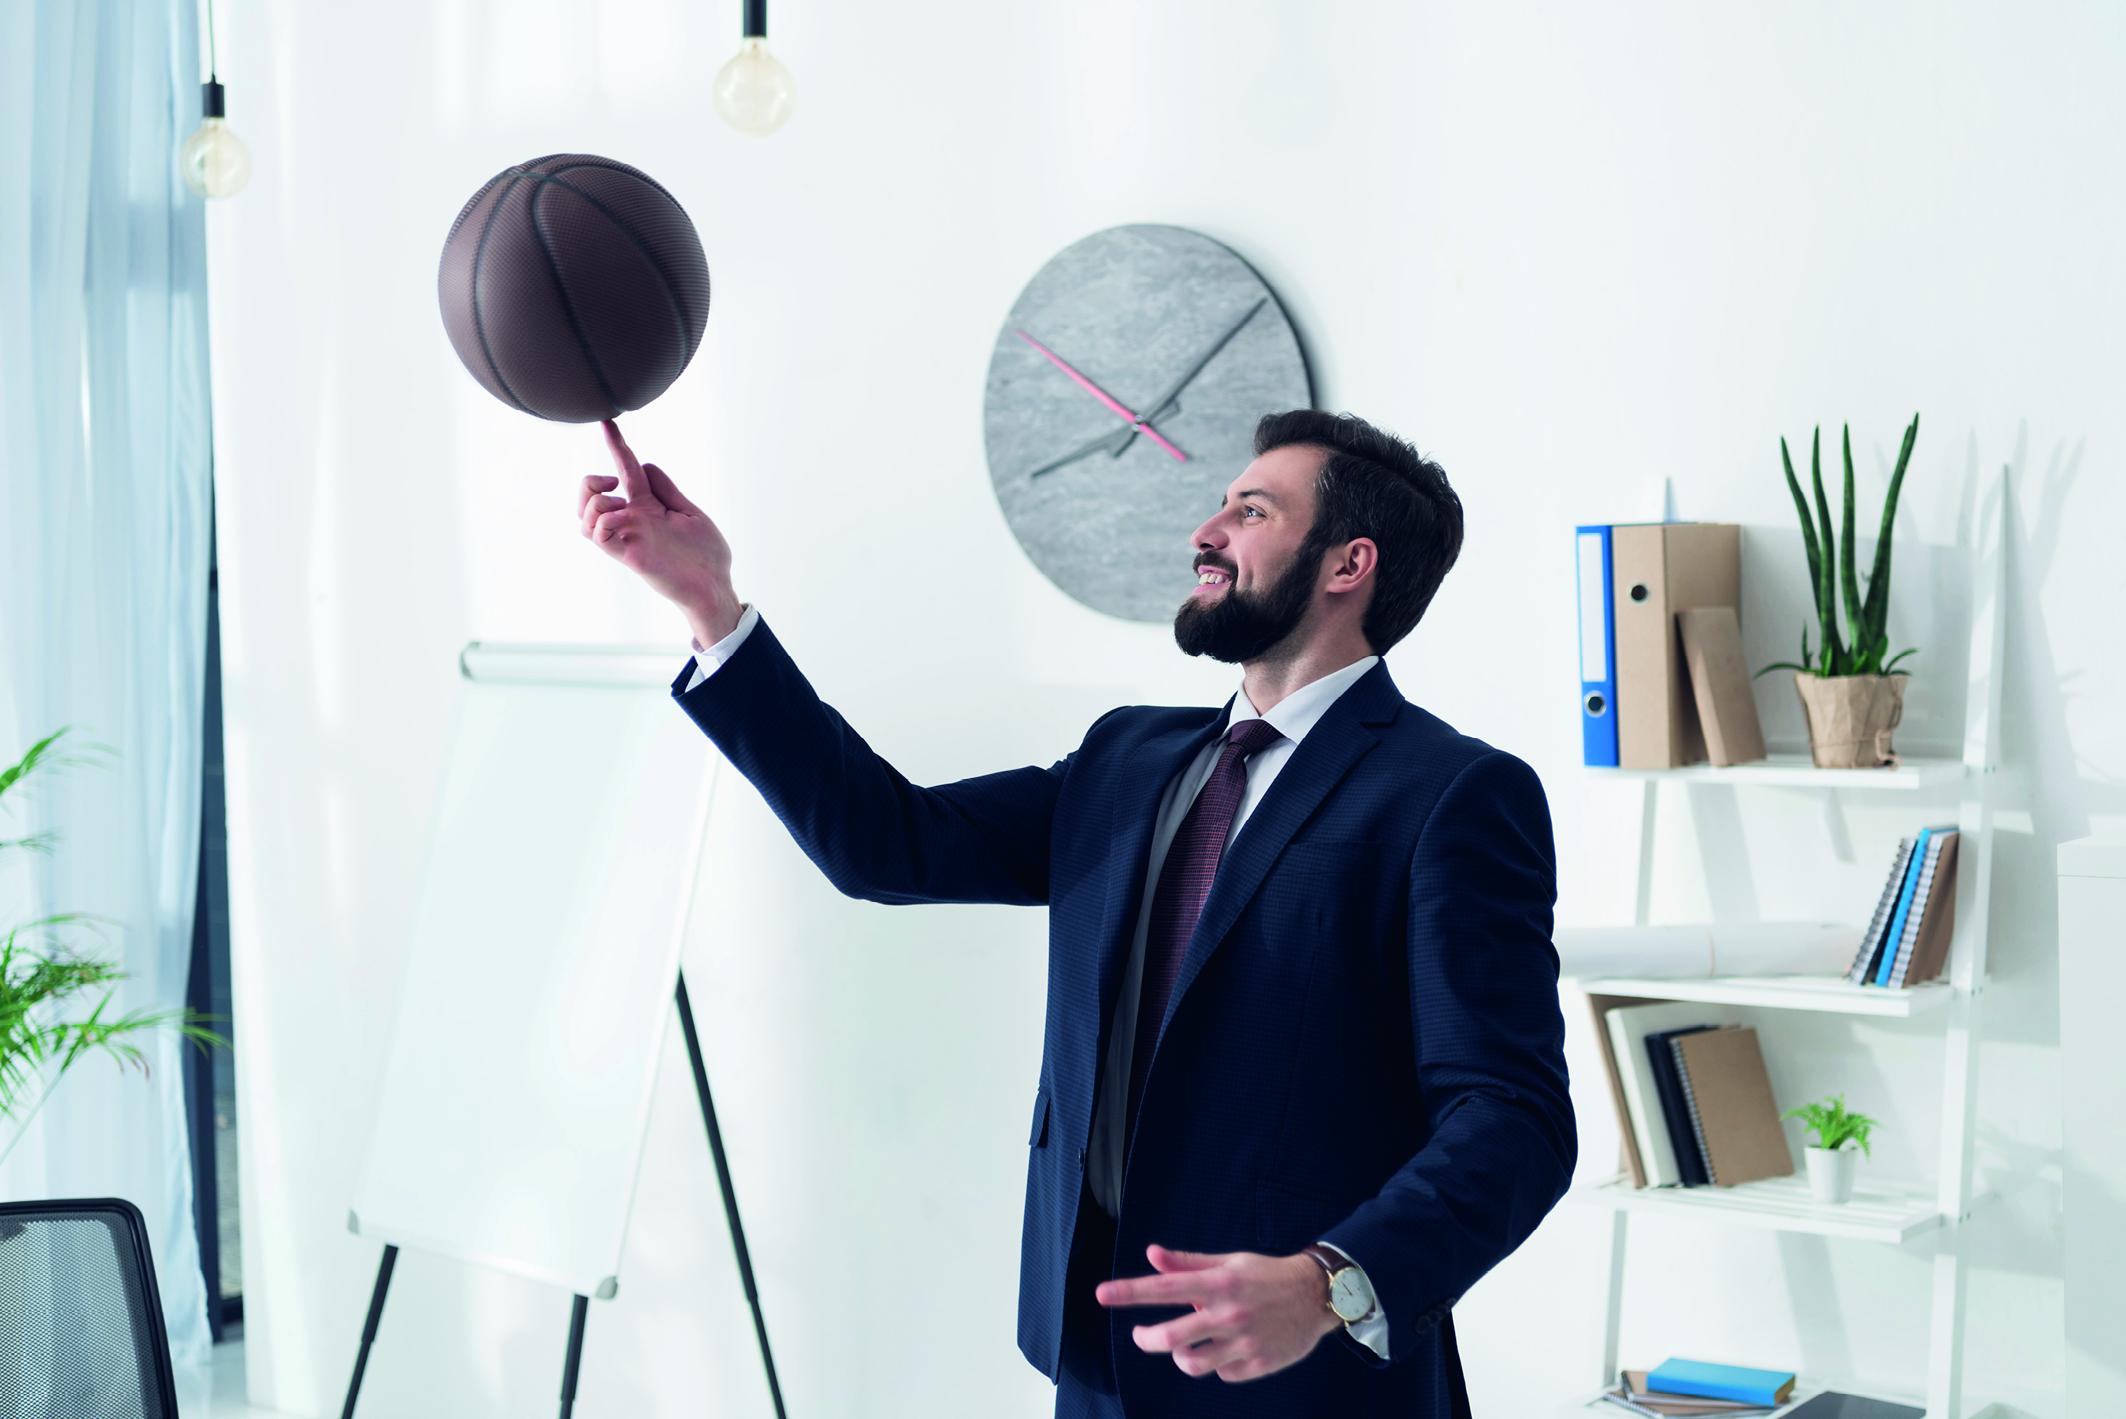 Ein Mann im Anzug spielt mit einem Basketball im Büro und lächelt. (Brückenteilzeit)